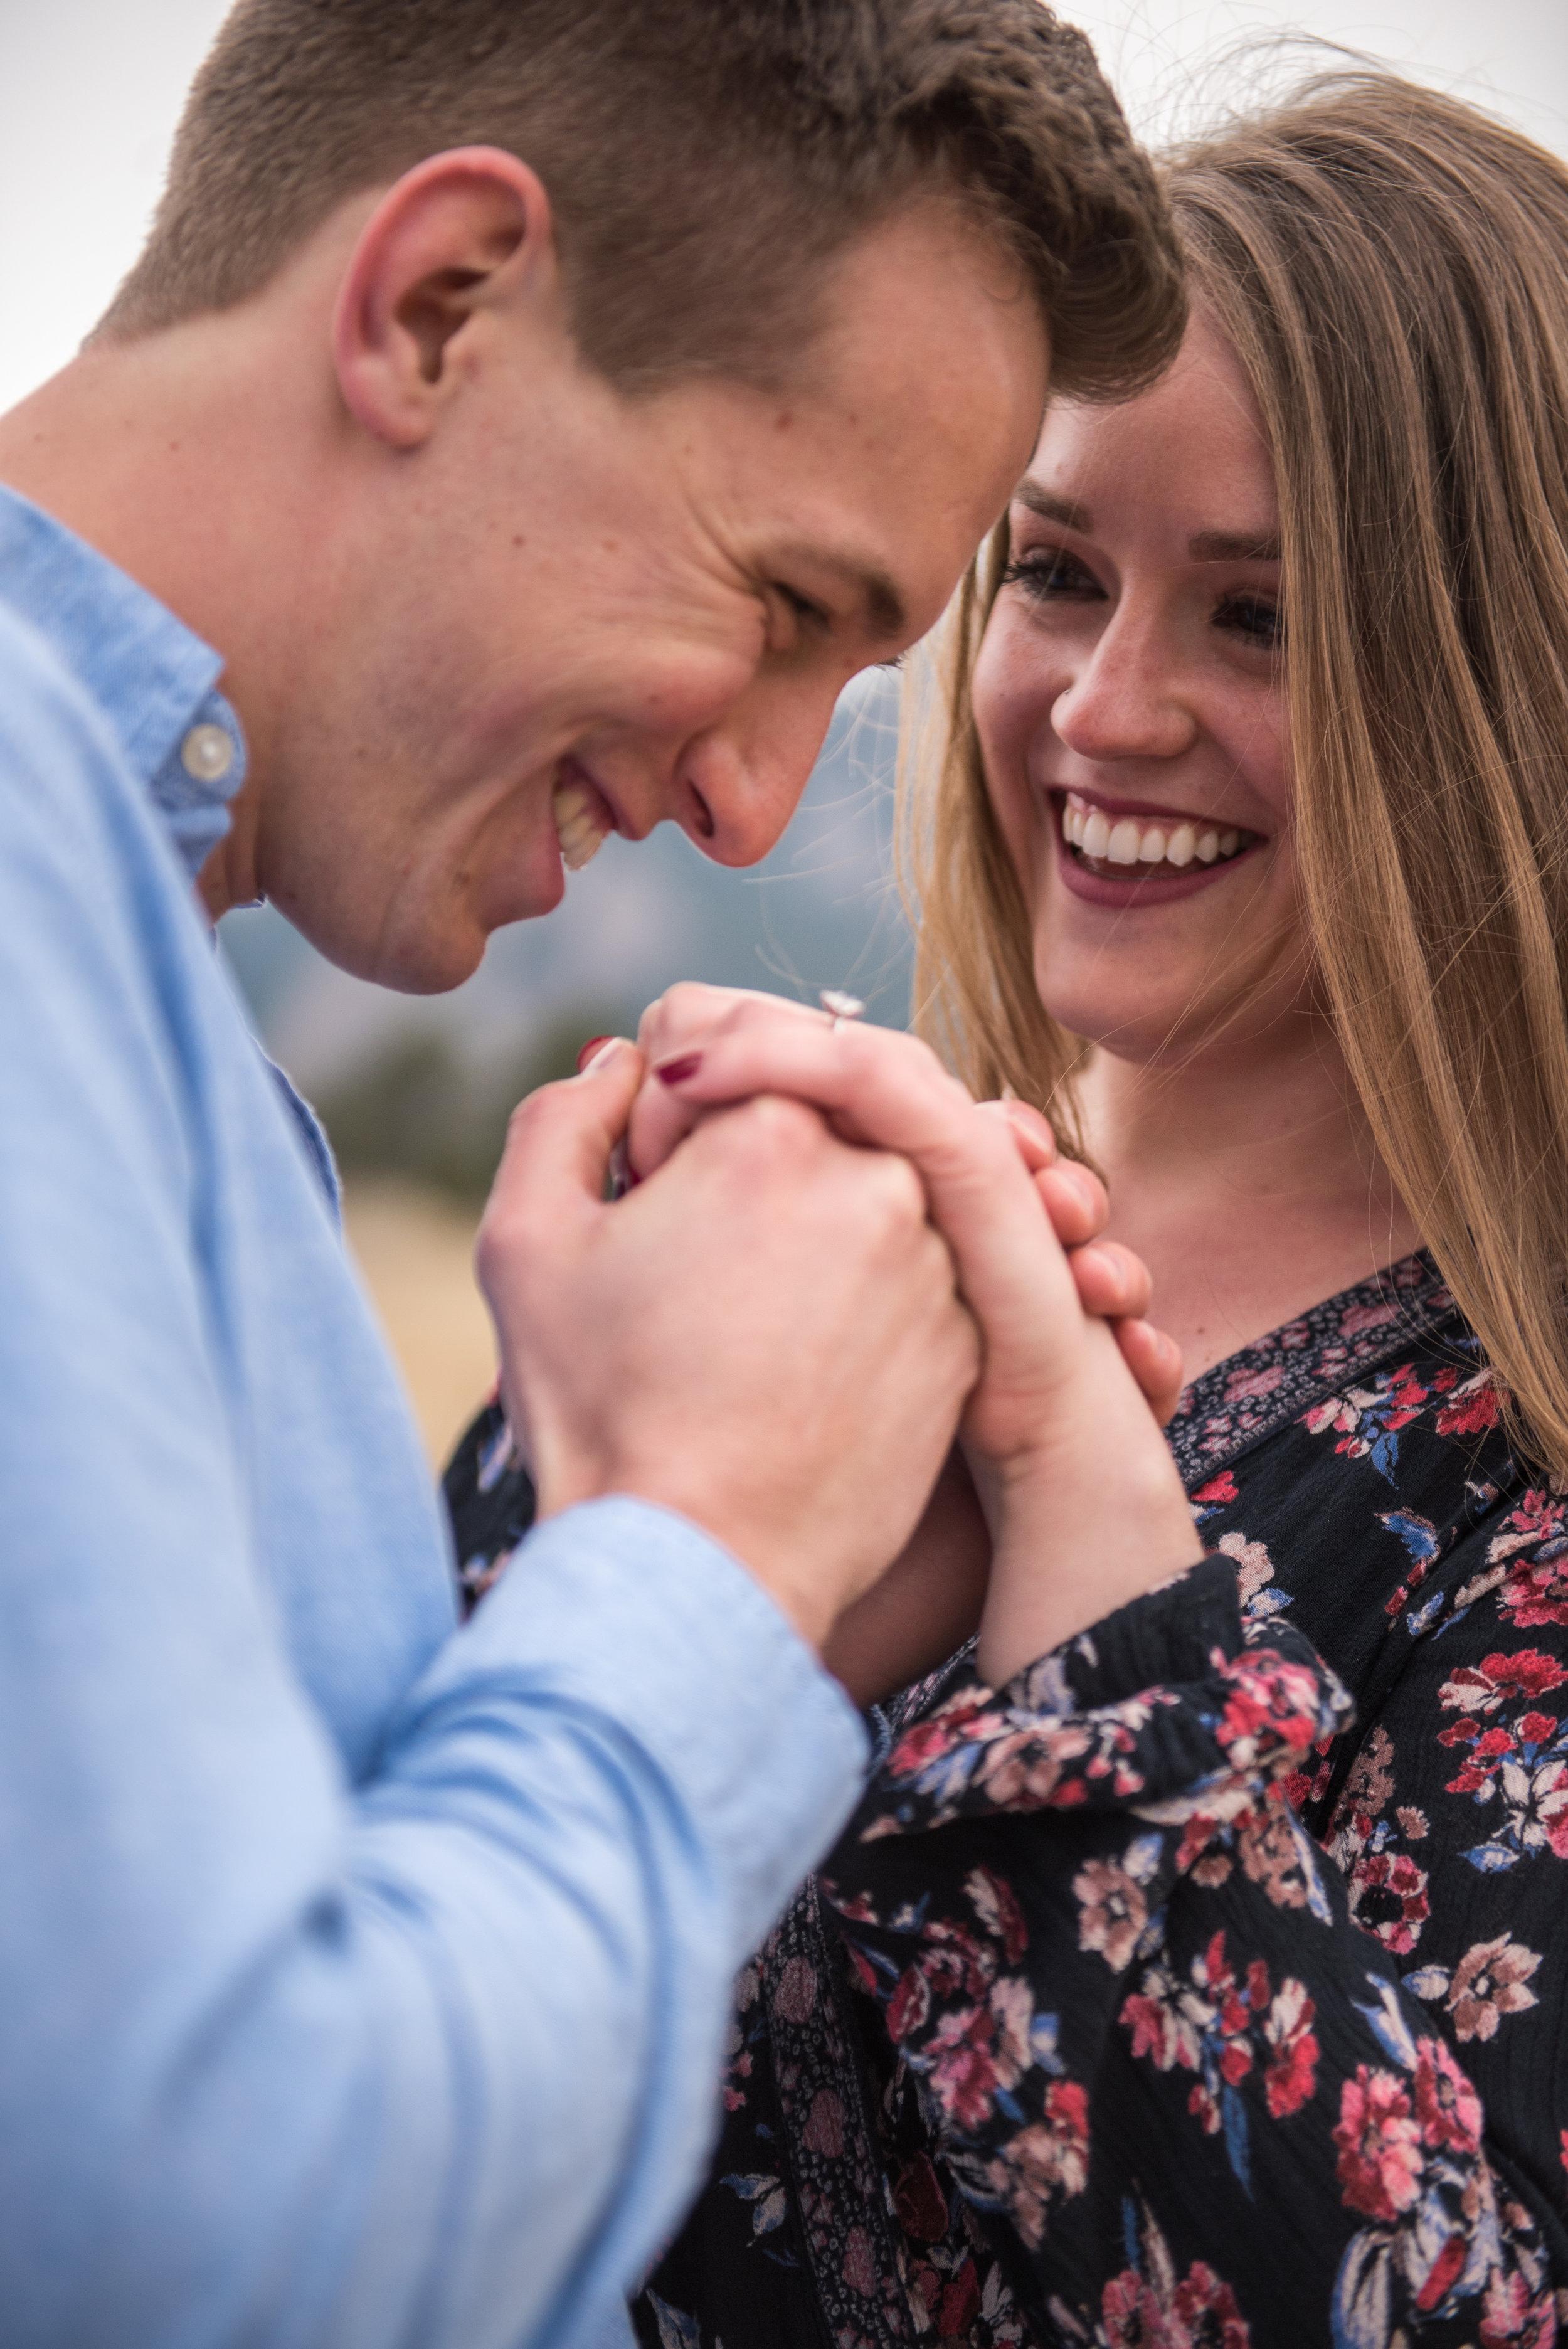 Colorado Engagement Photographer|Jennie Bennett Photography |Sarah and Matt-47.jpg